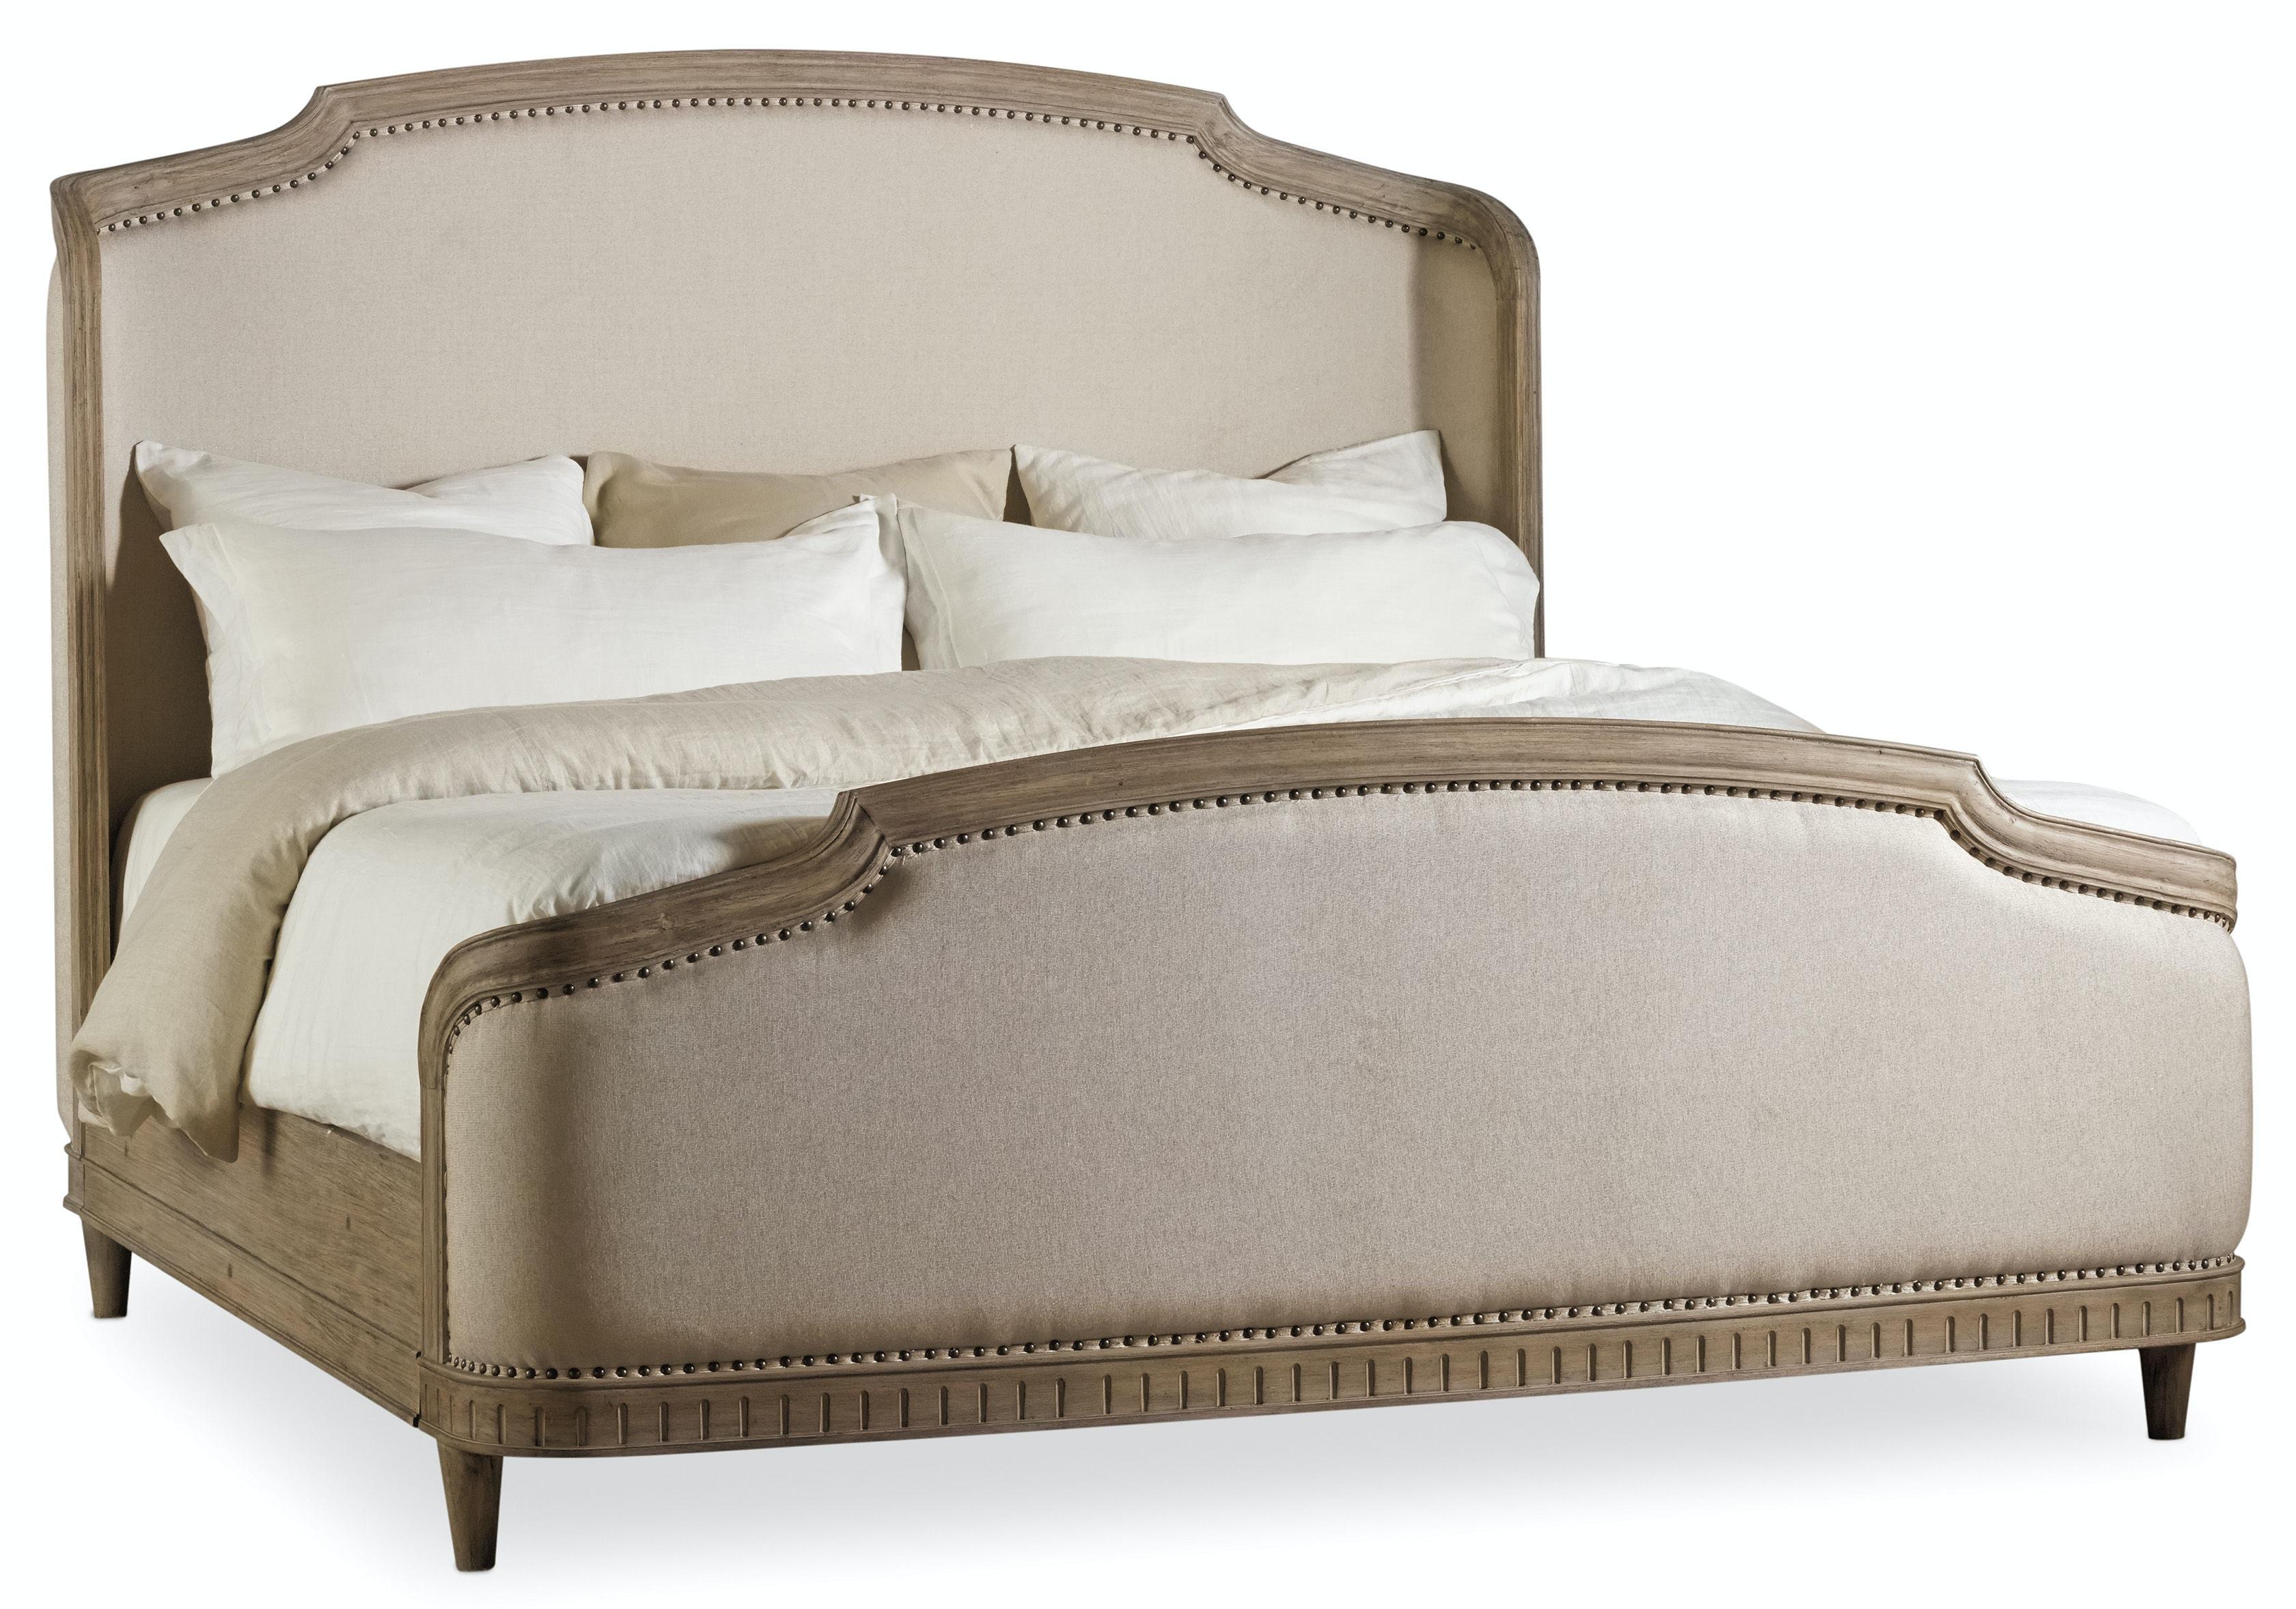 Hooker Furniture Corsica King Upholstery Shelter Bed 5180 90866